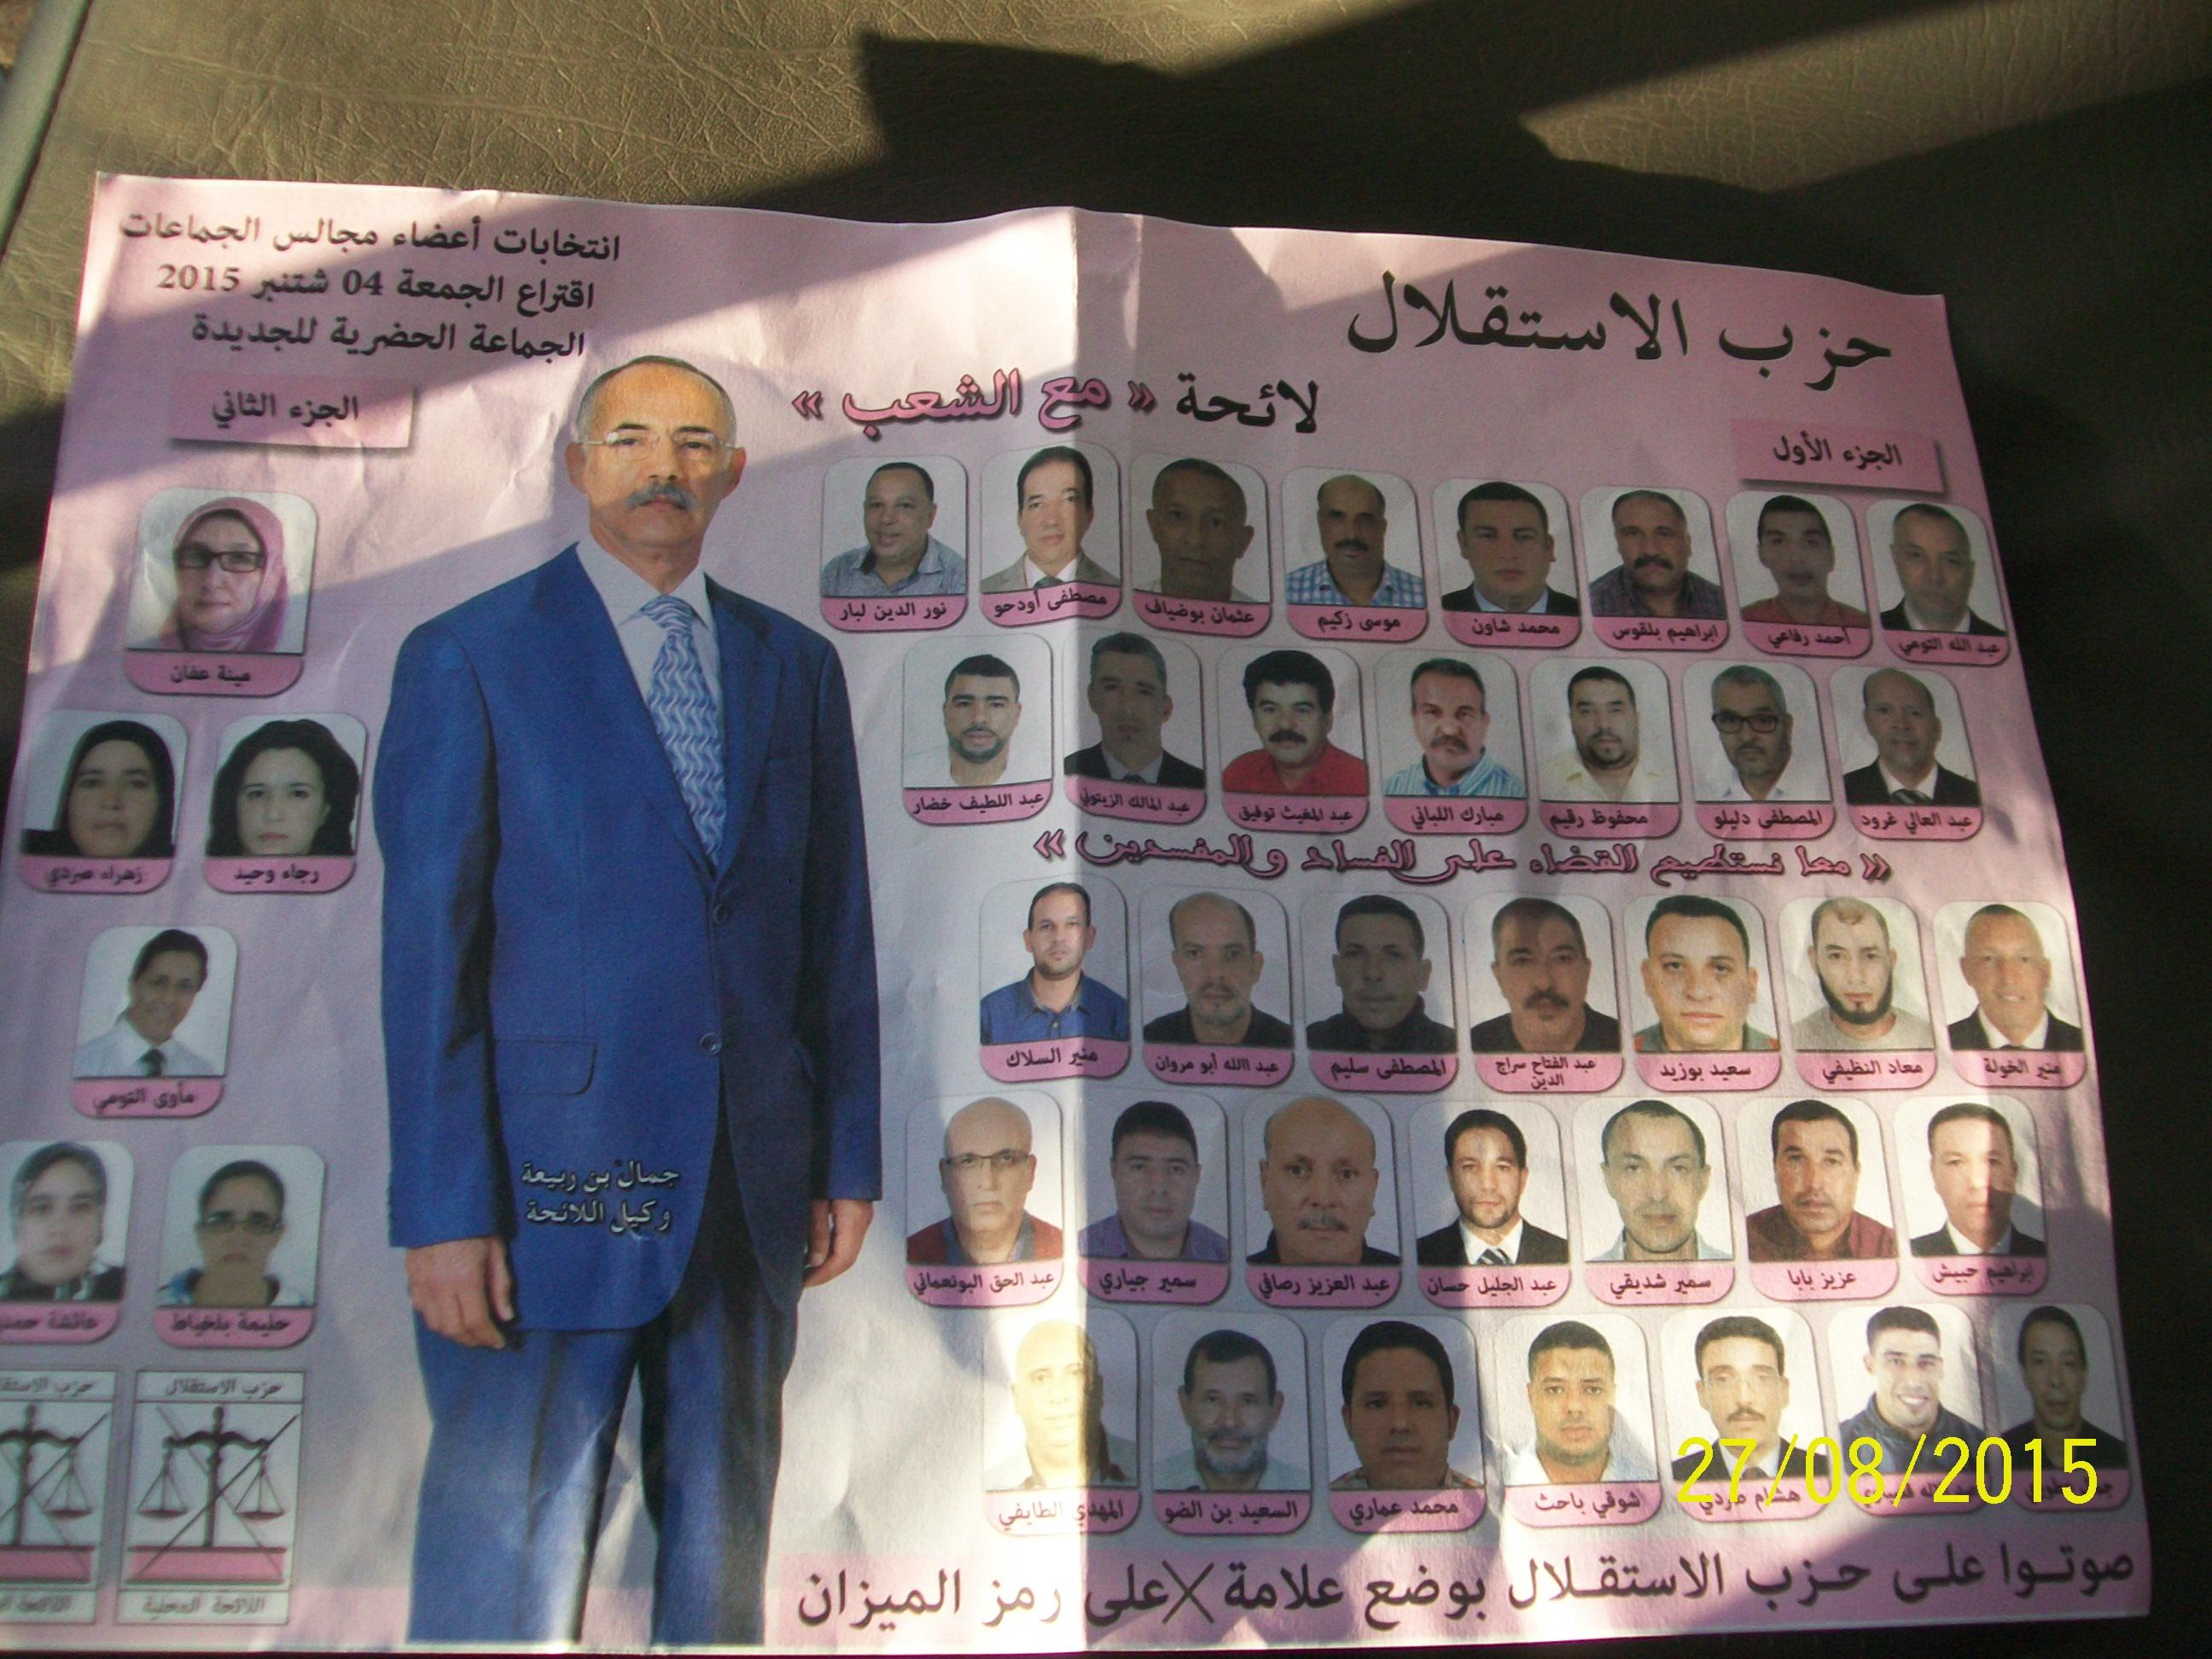 الجديدة:جمال بن اربيعة يفوز برآسة بلدية الجديدة